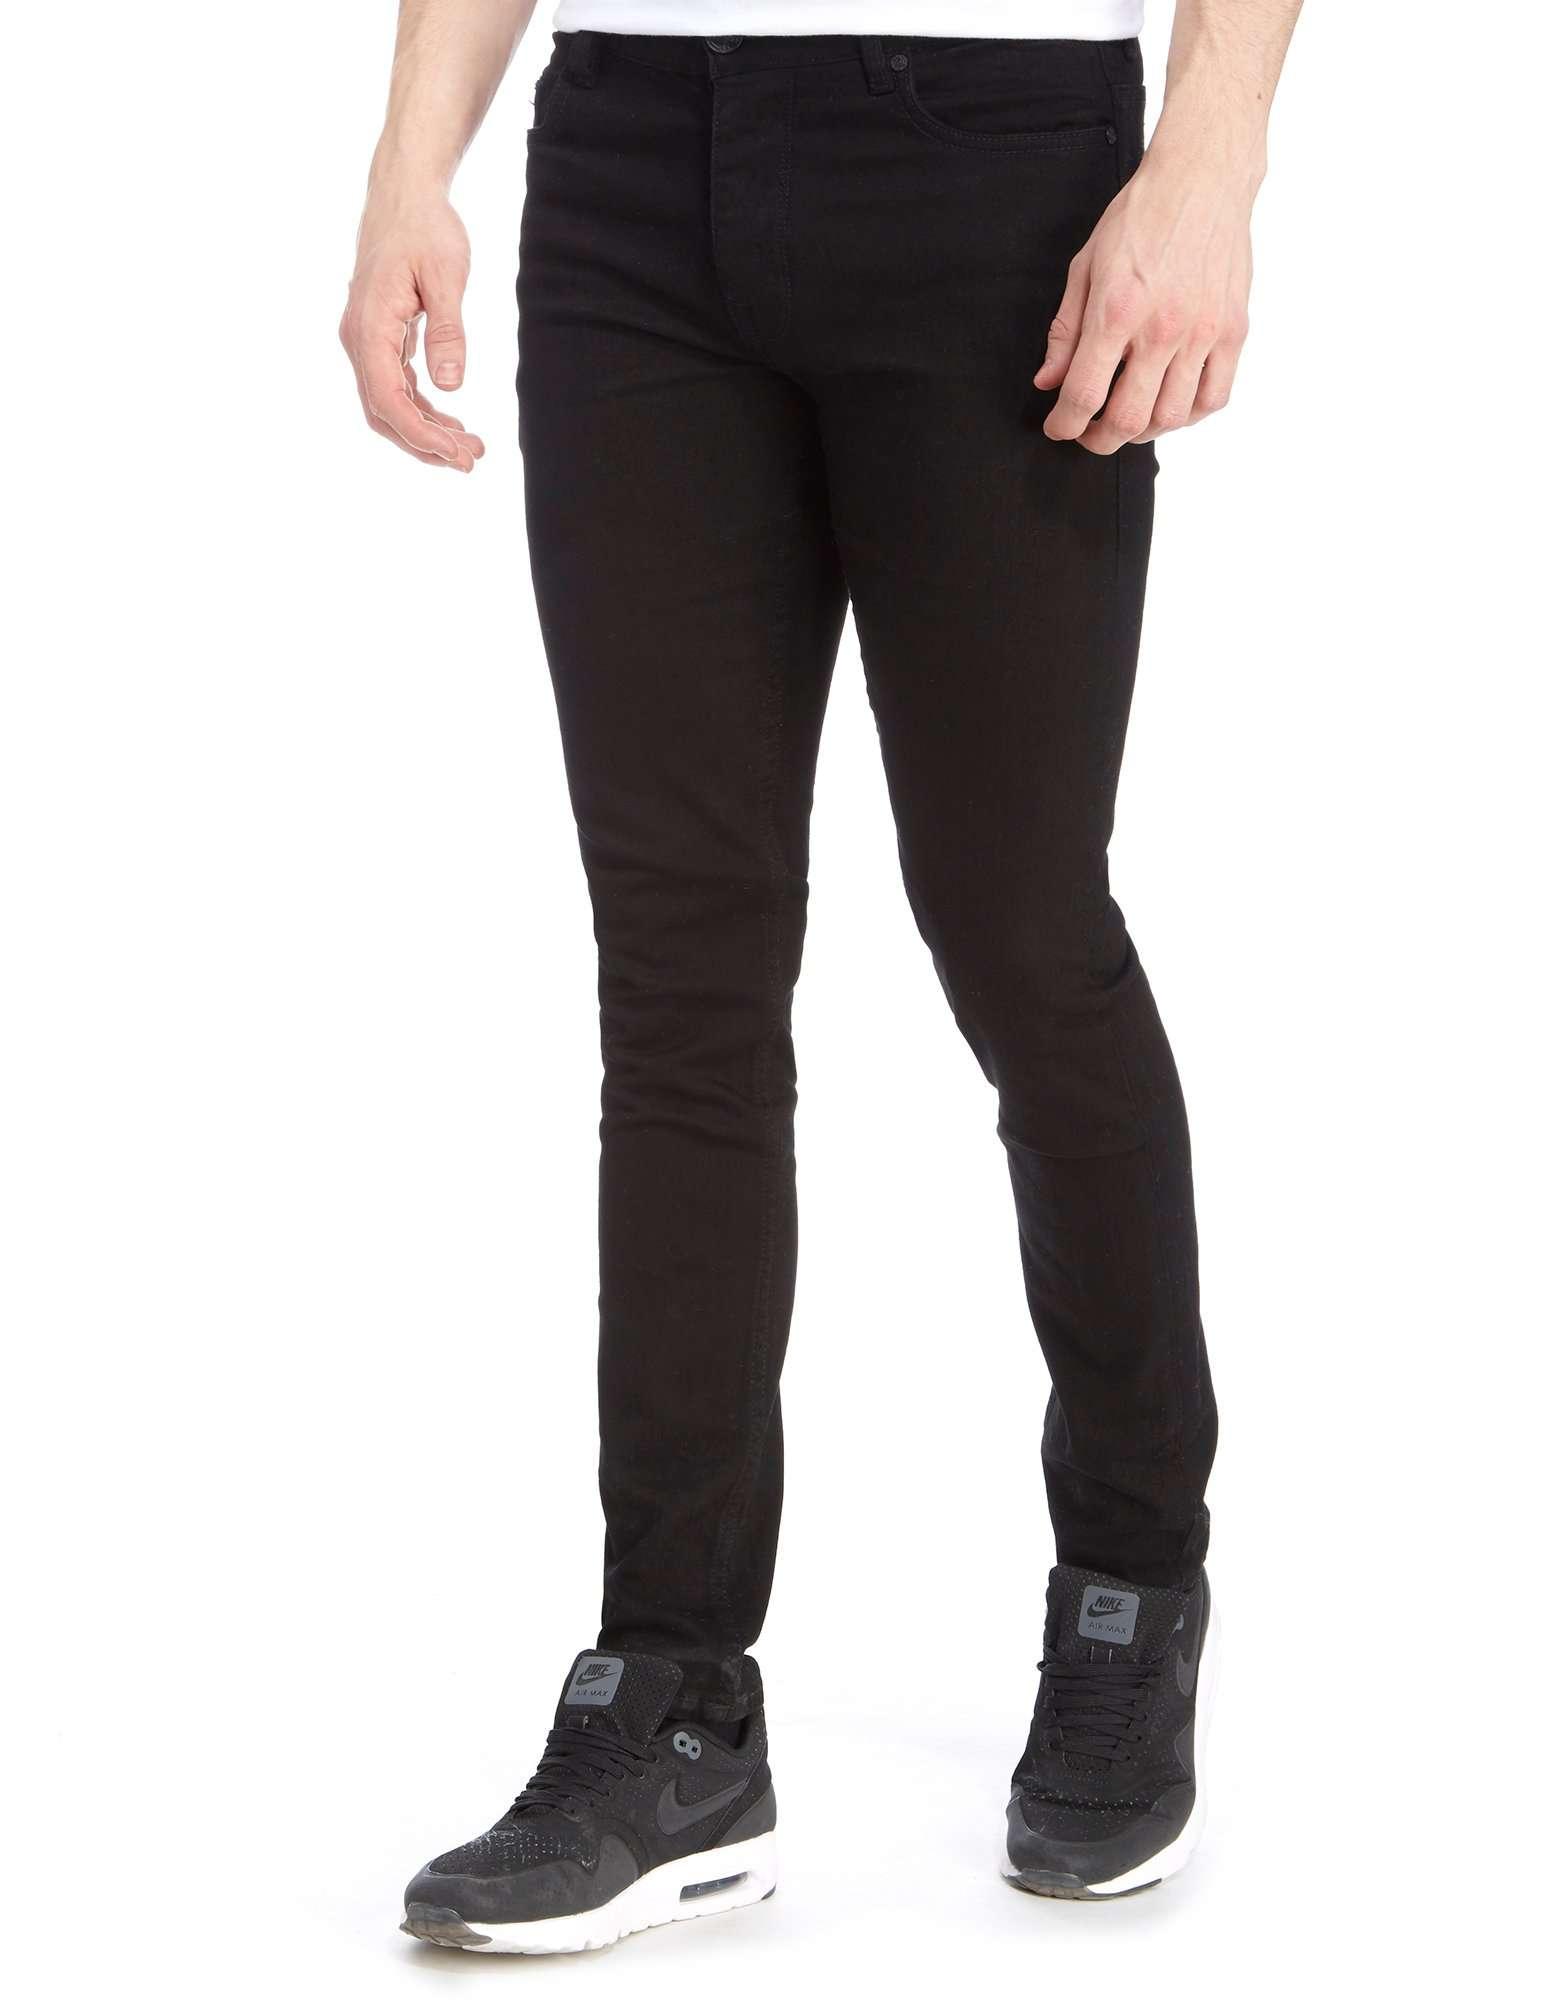 nanny state oliver skinny jeans jd sports. Black Bedroom Furniture Sets. Home Design Ideas